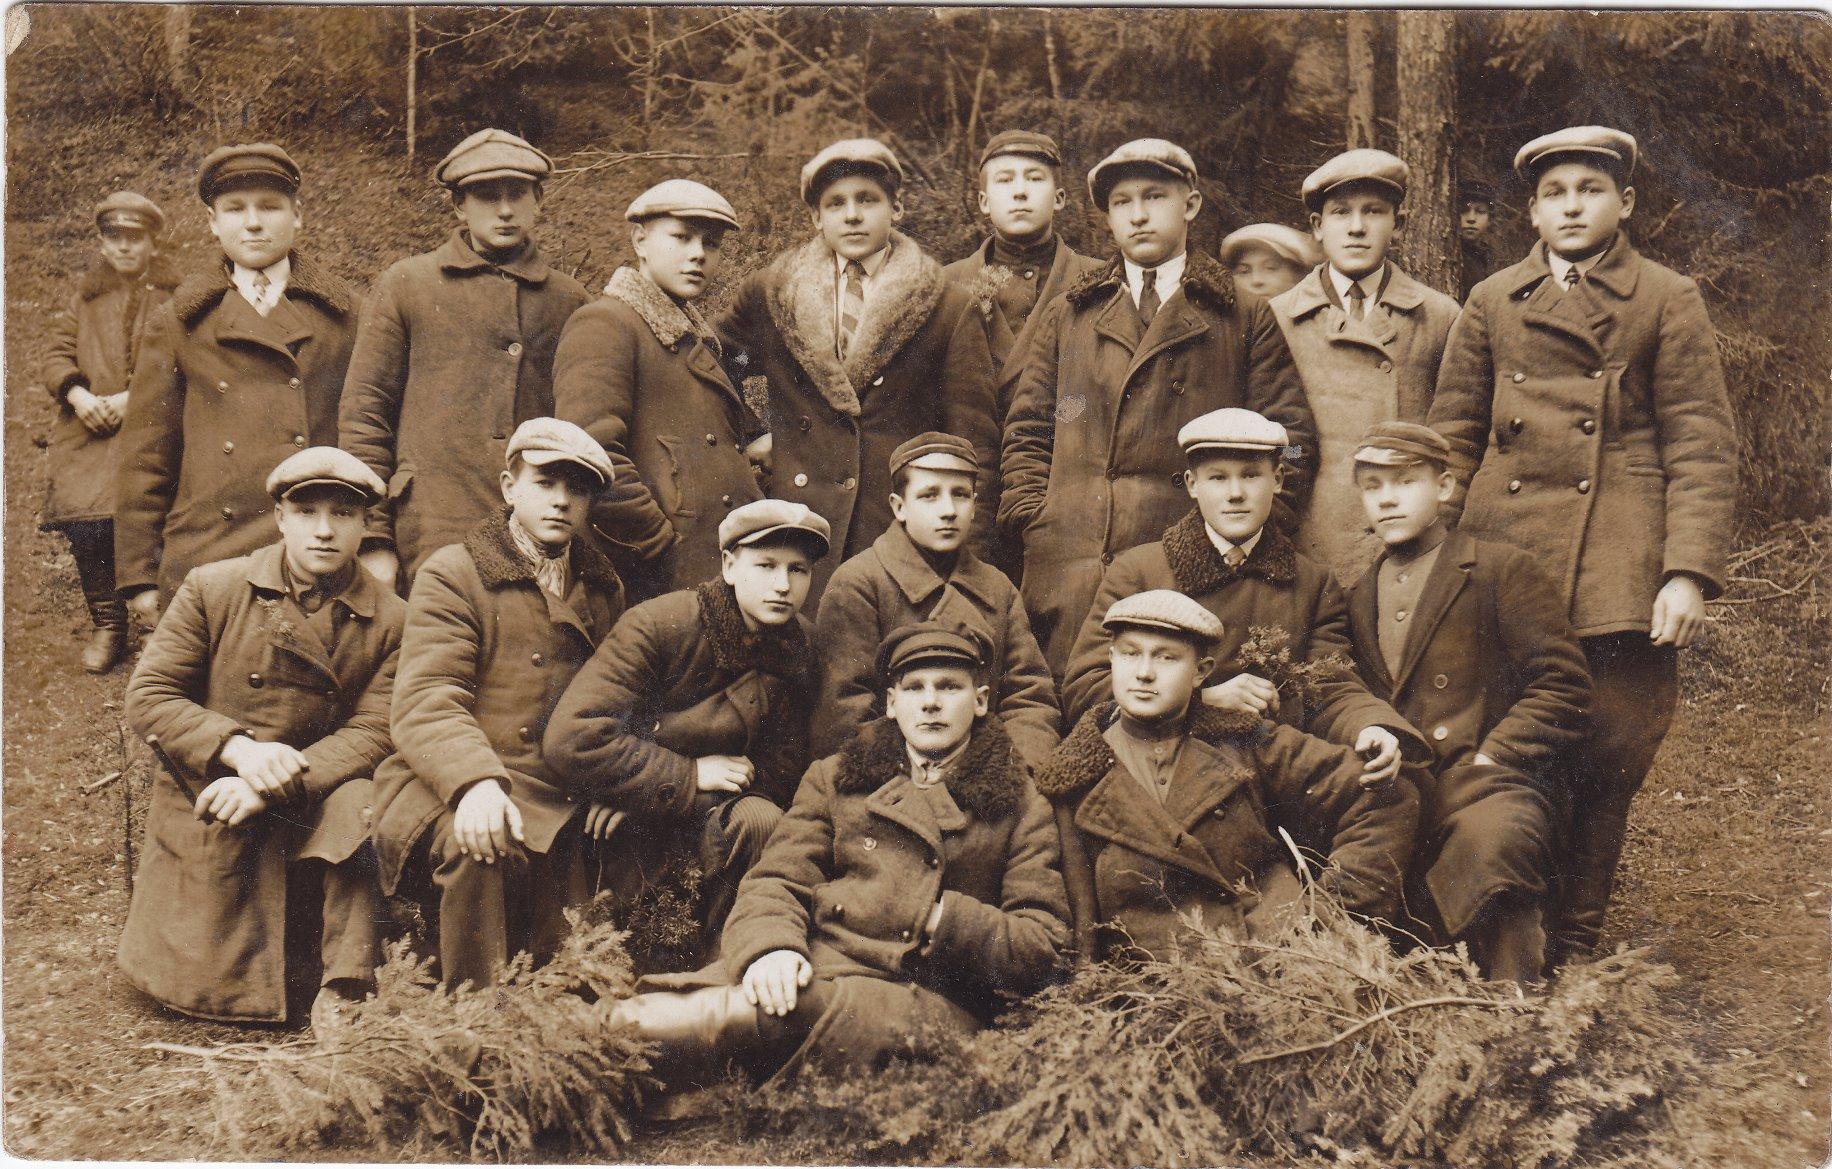 Žemės ūkio akademijos studentai. Būsimasis profesorius, agronomas Petras Vasinauskas (trečioje eilėje šeštas iš kairės). 1930 m.